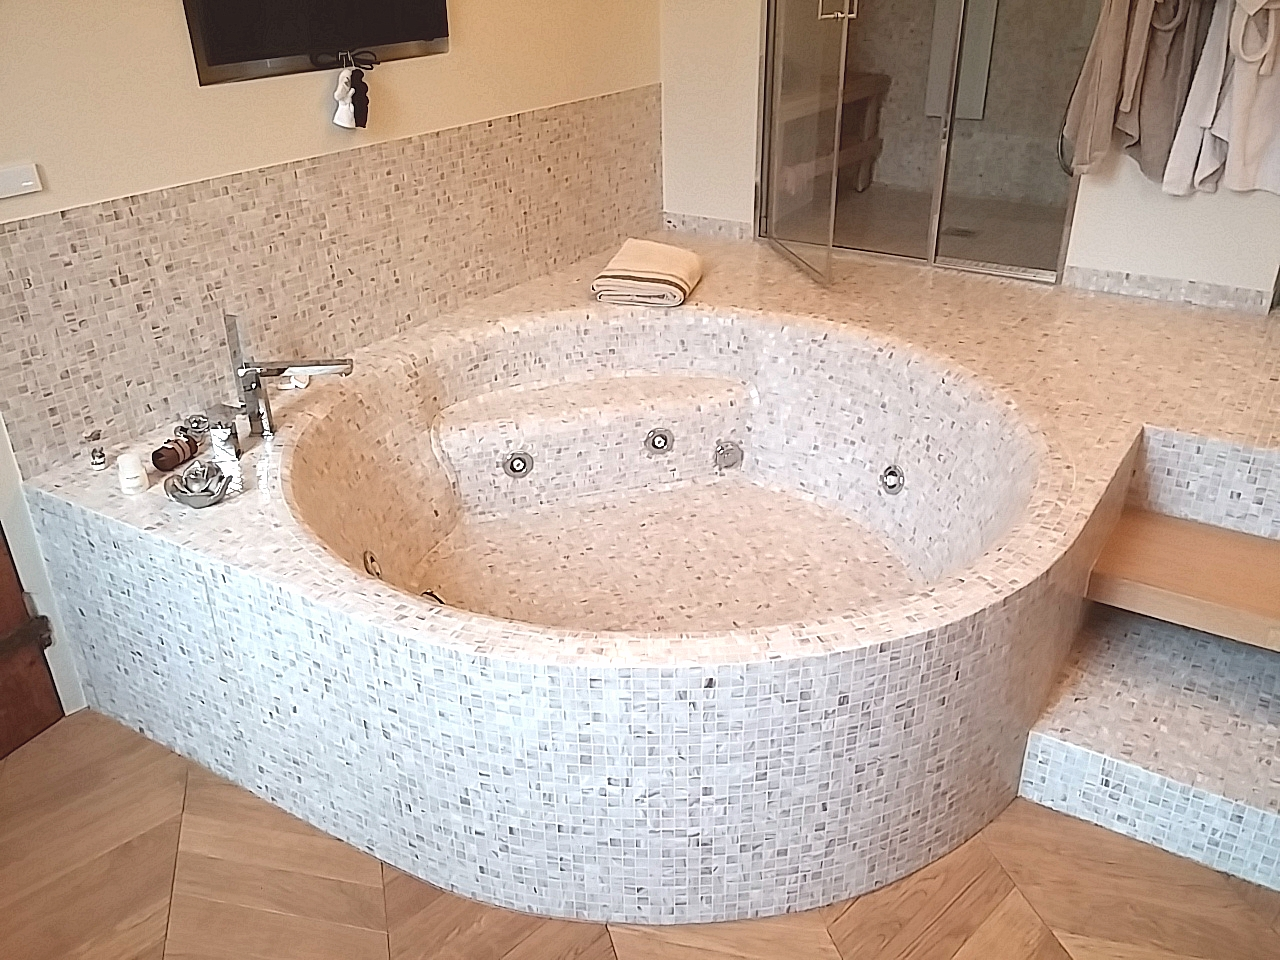 Vasca da bagno rivestita qm54 regardsdefemmes for Vasca da bagno bricoman